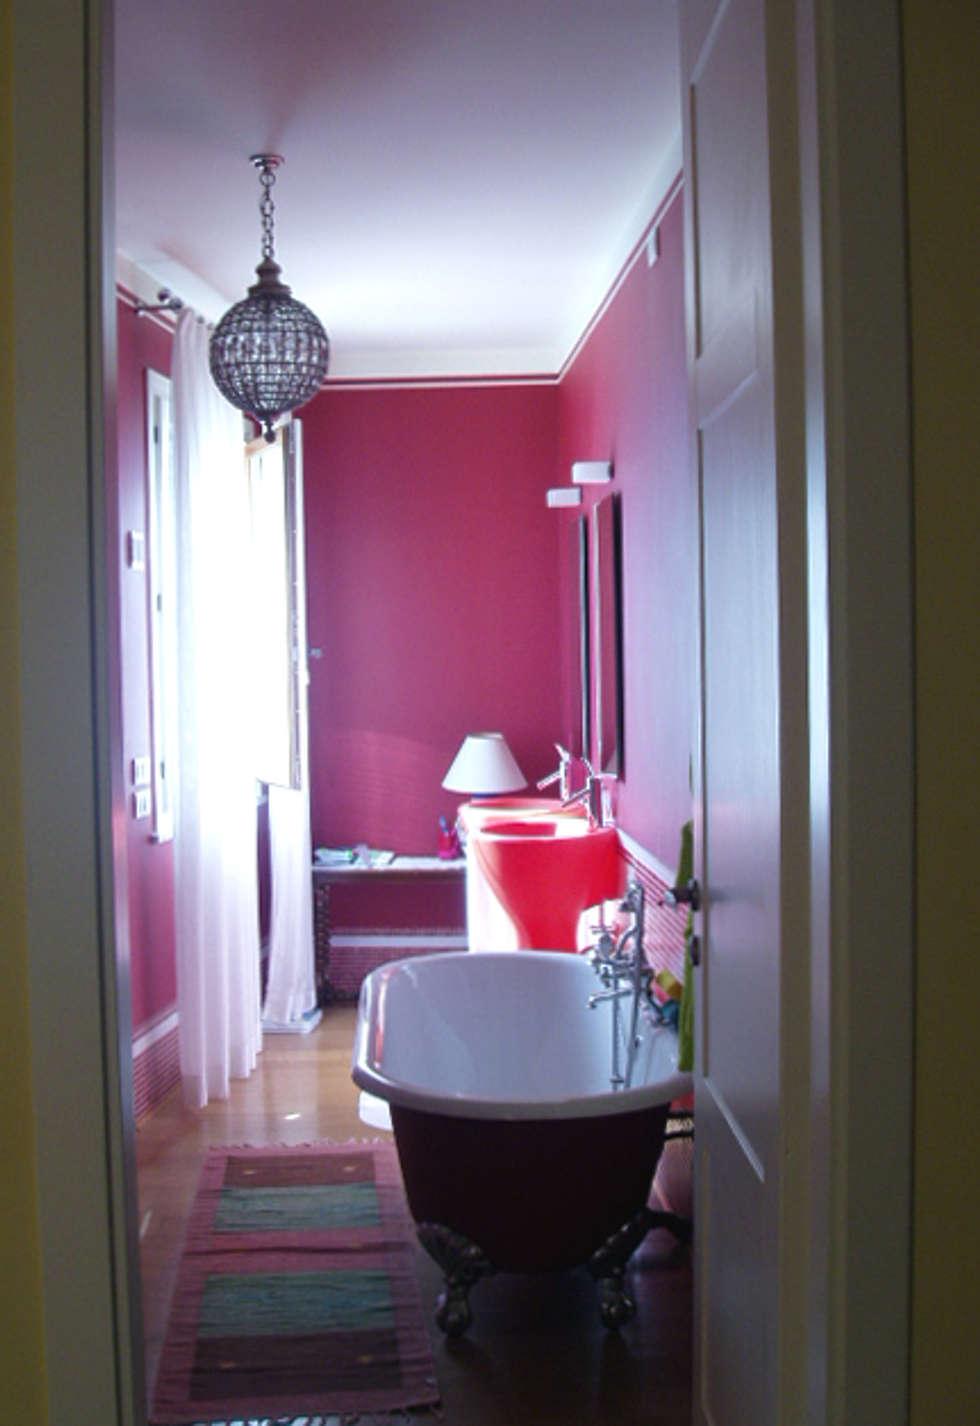 stanza da bagno con vasca : Bagno in stile in stile Eclettico di bilune studio